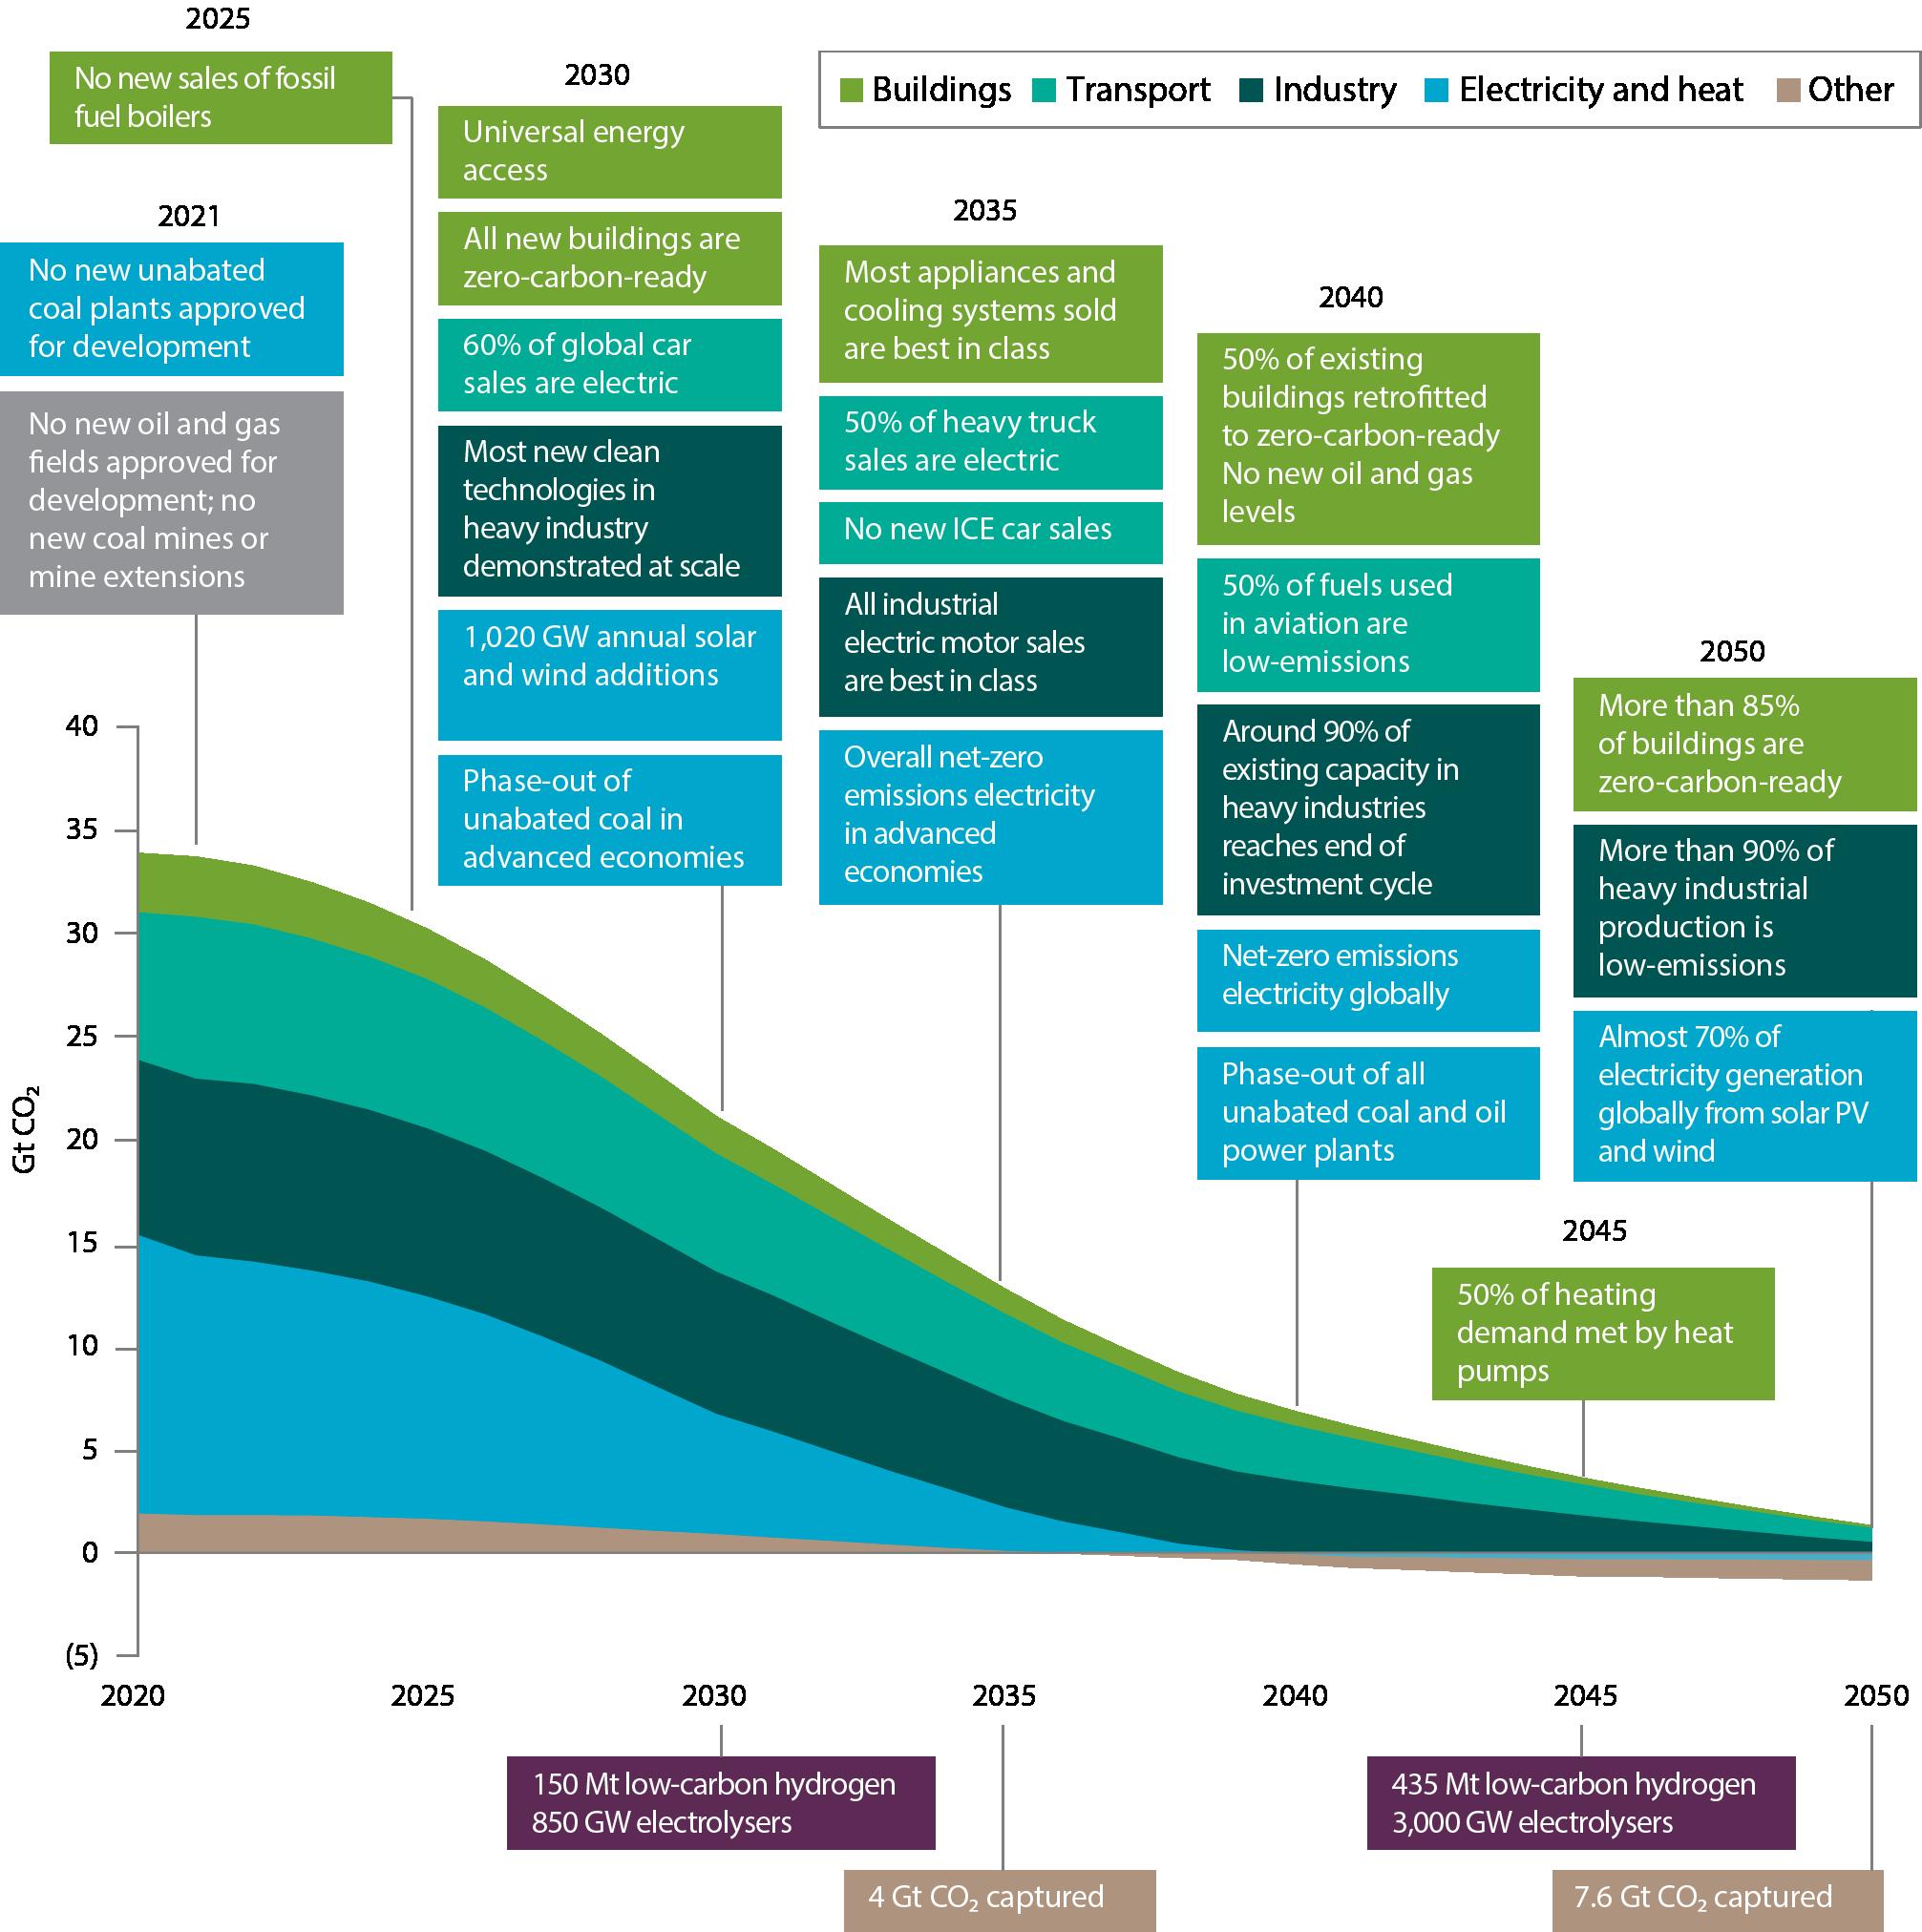 Key milestones in the pathway to net zero